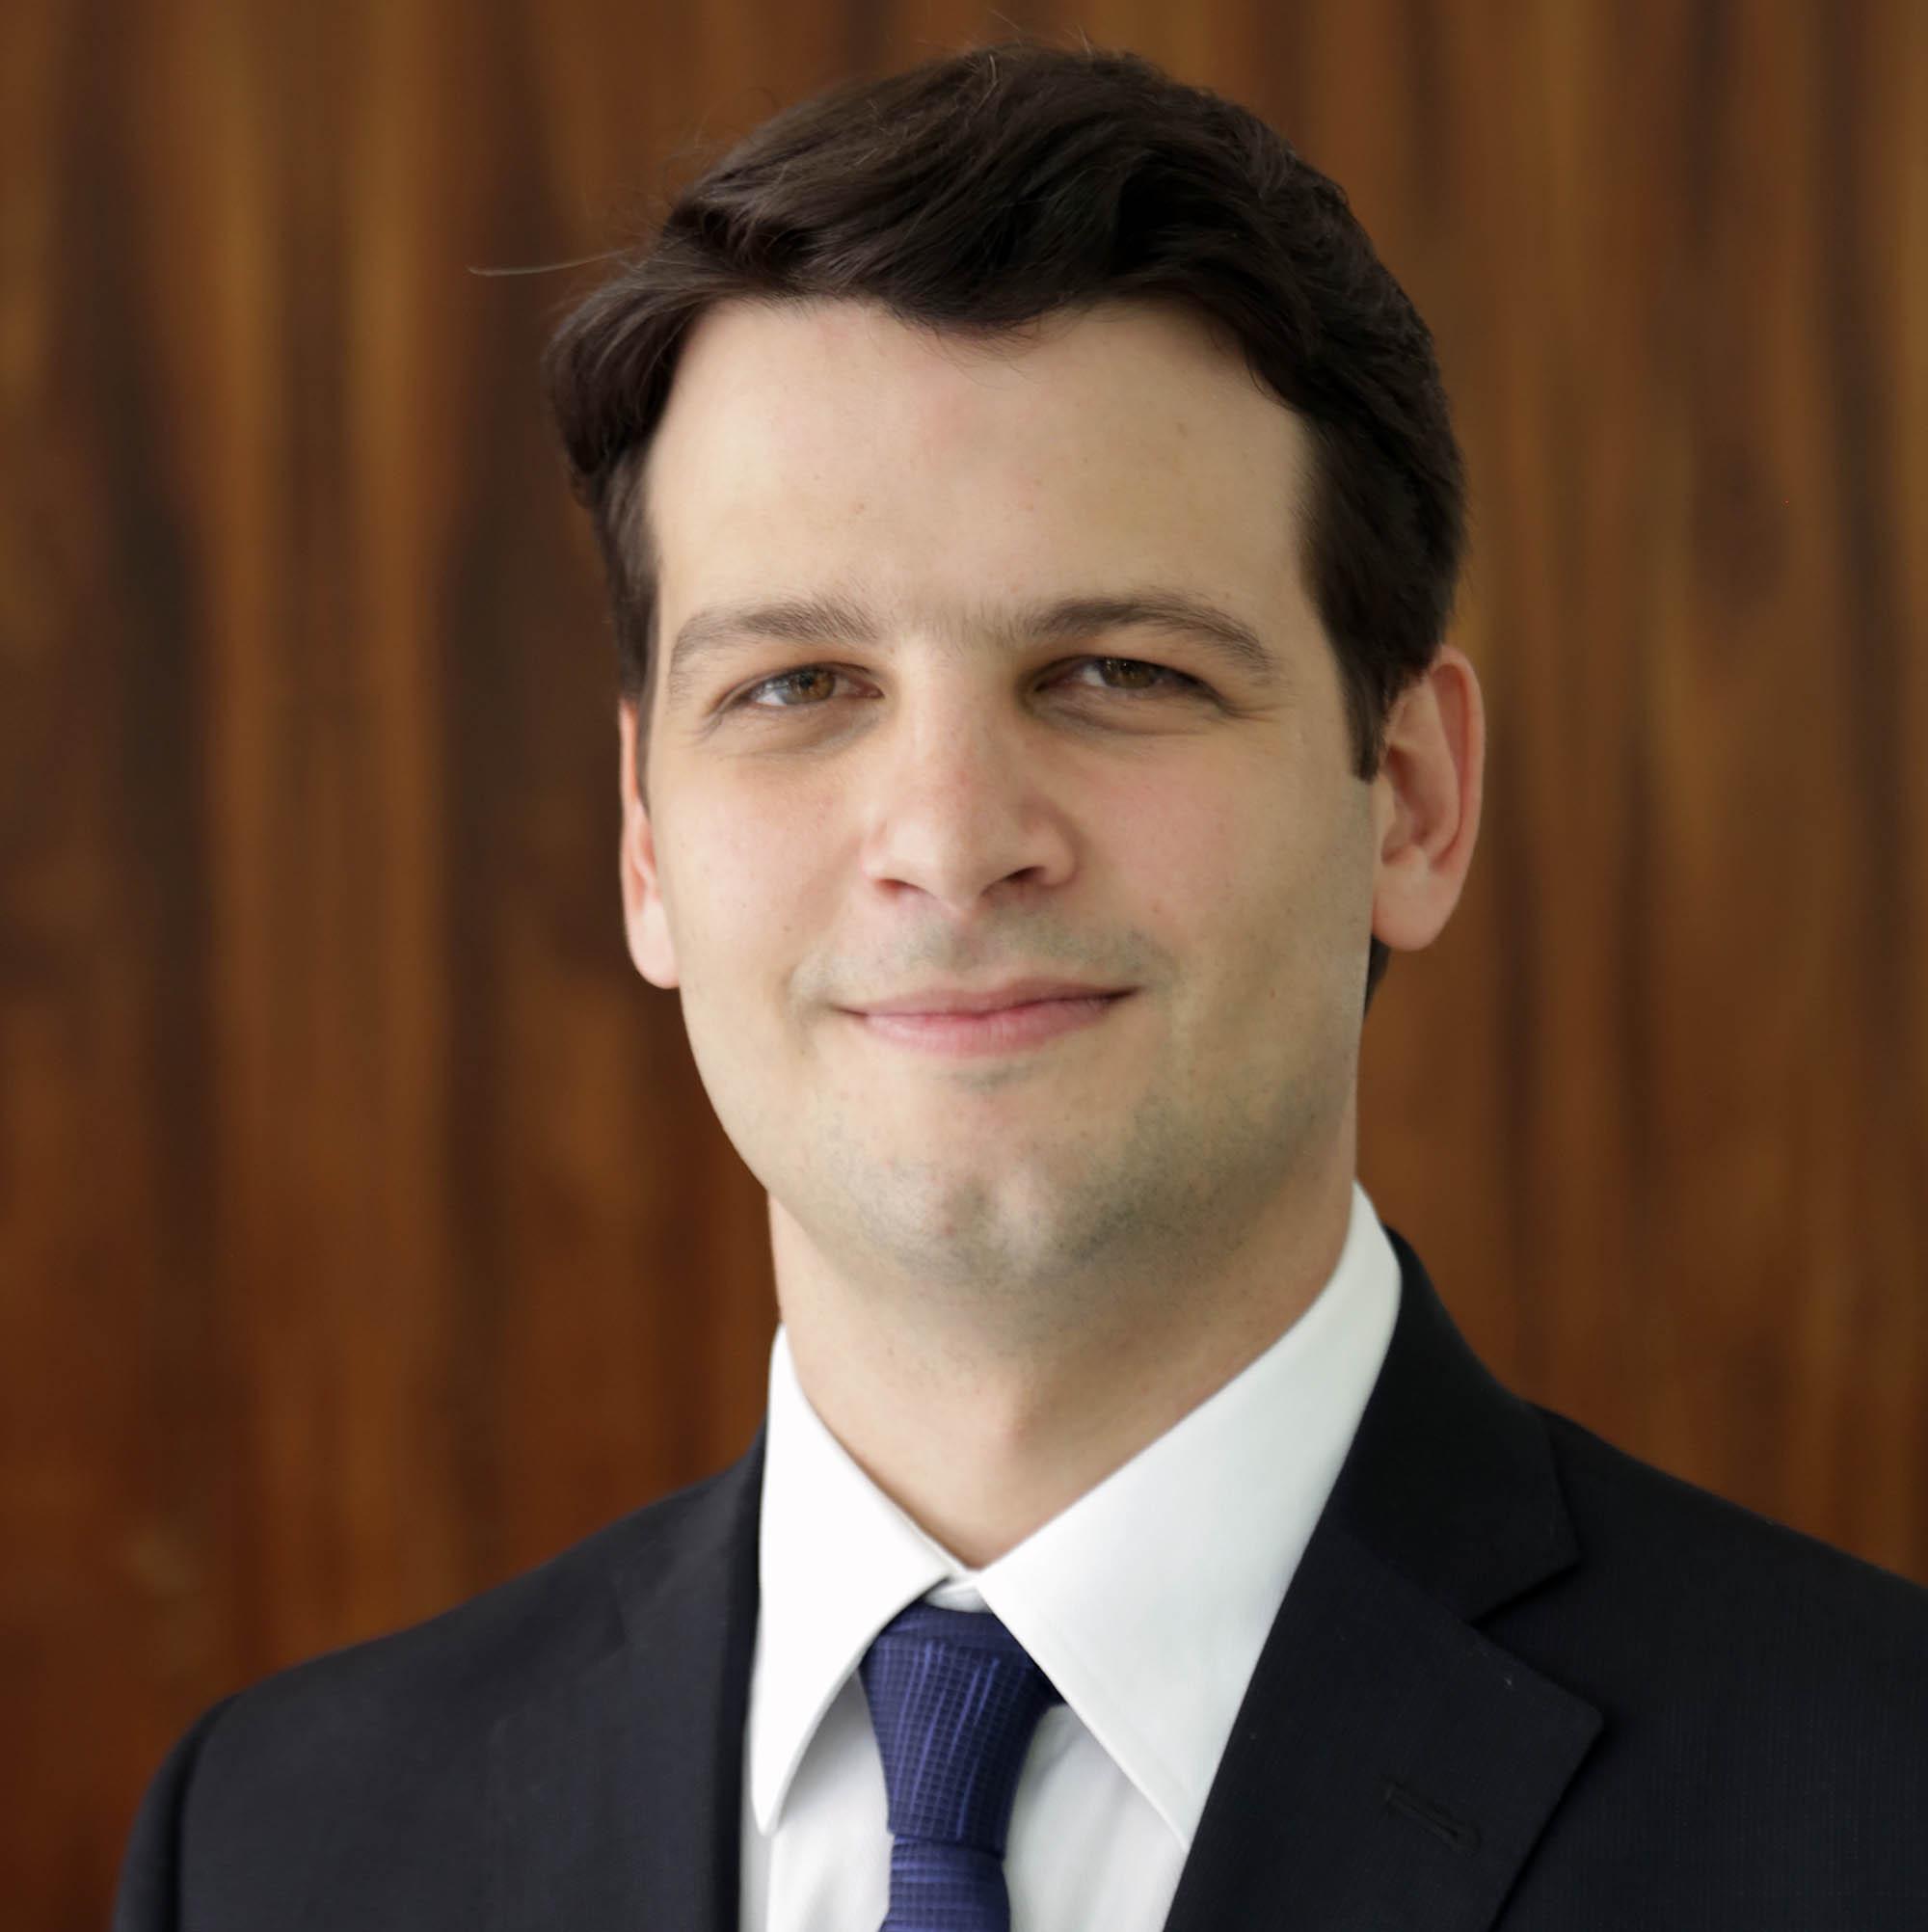 Eduardo Pimentel Slaviero